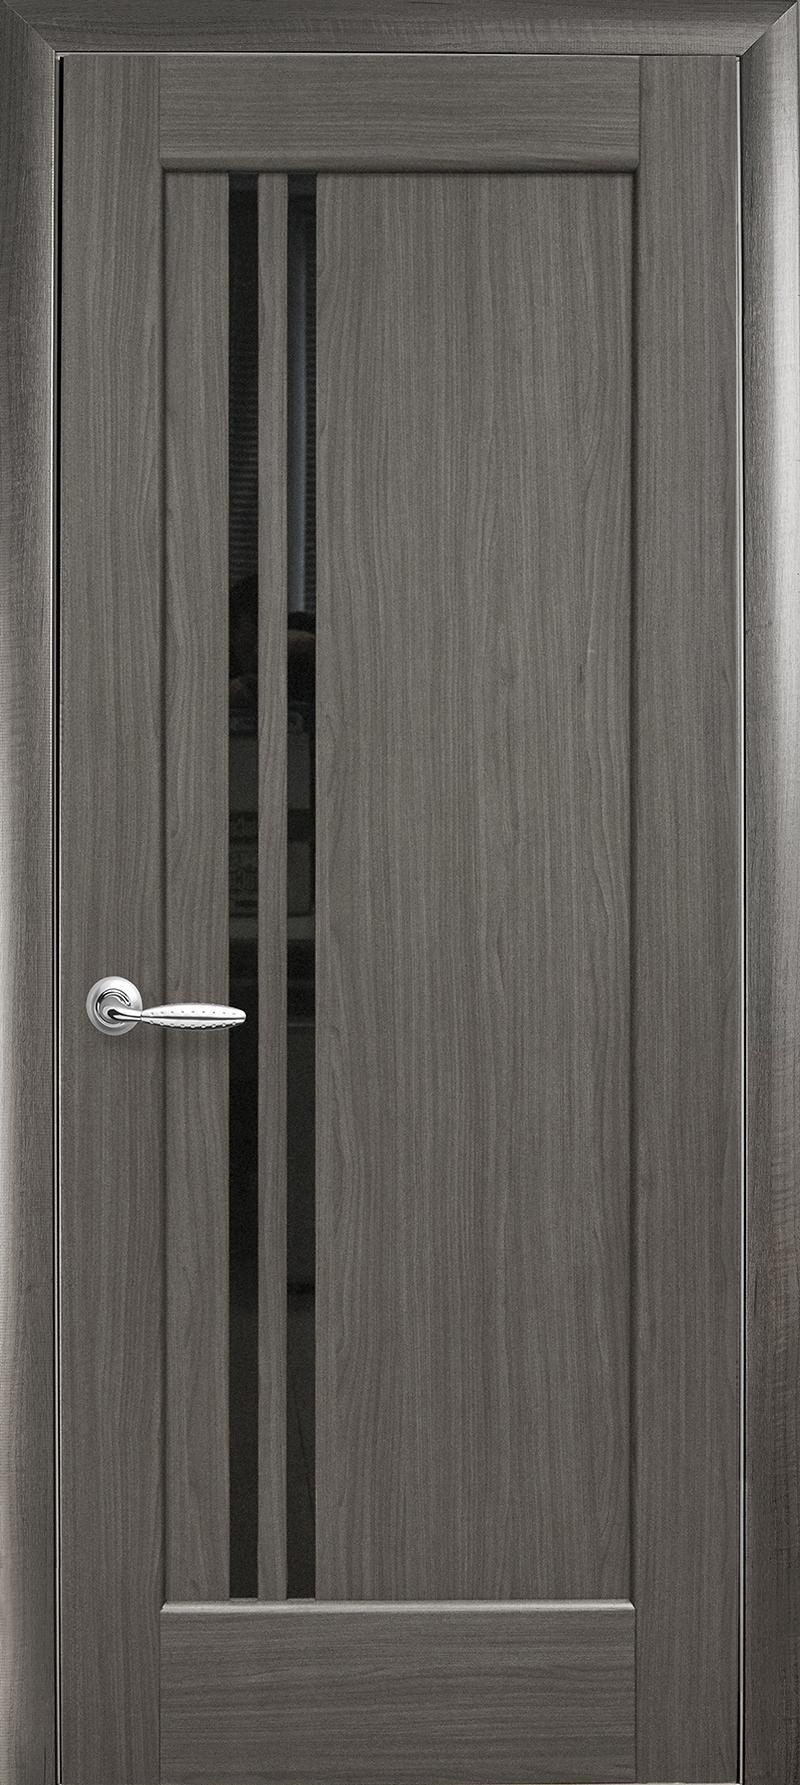 Межкомнатные двери Делла с черным стеклом